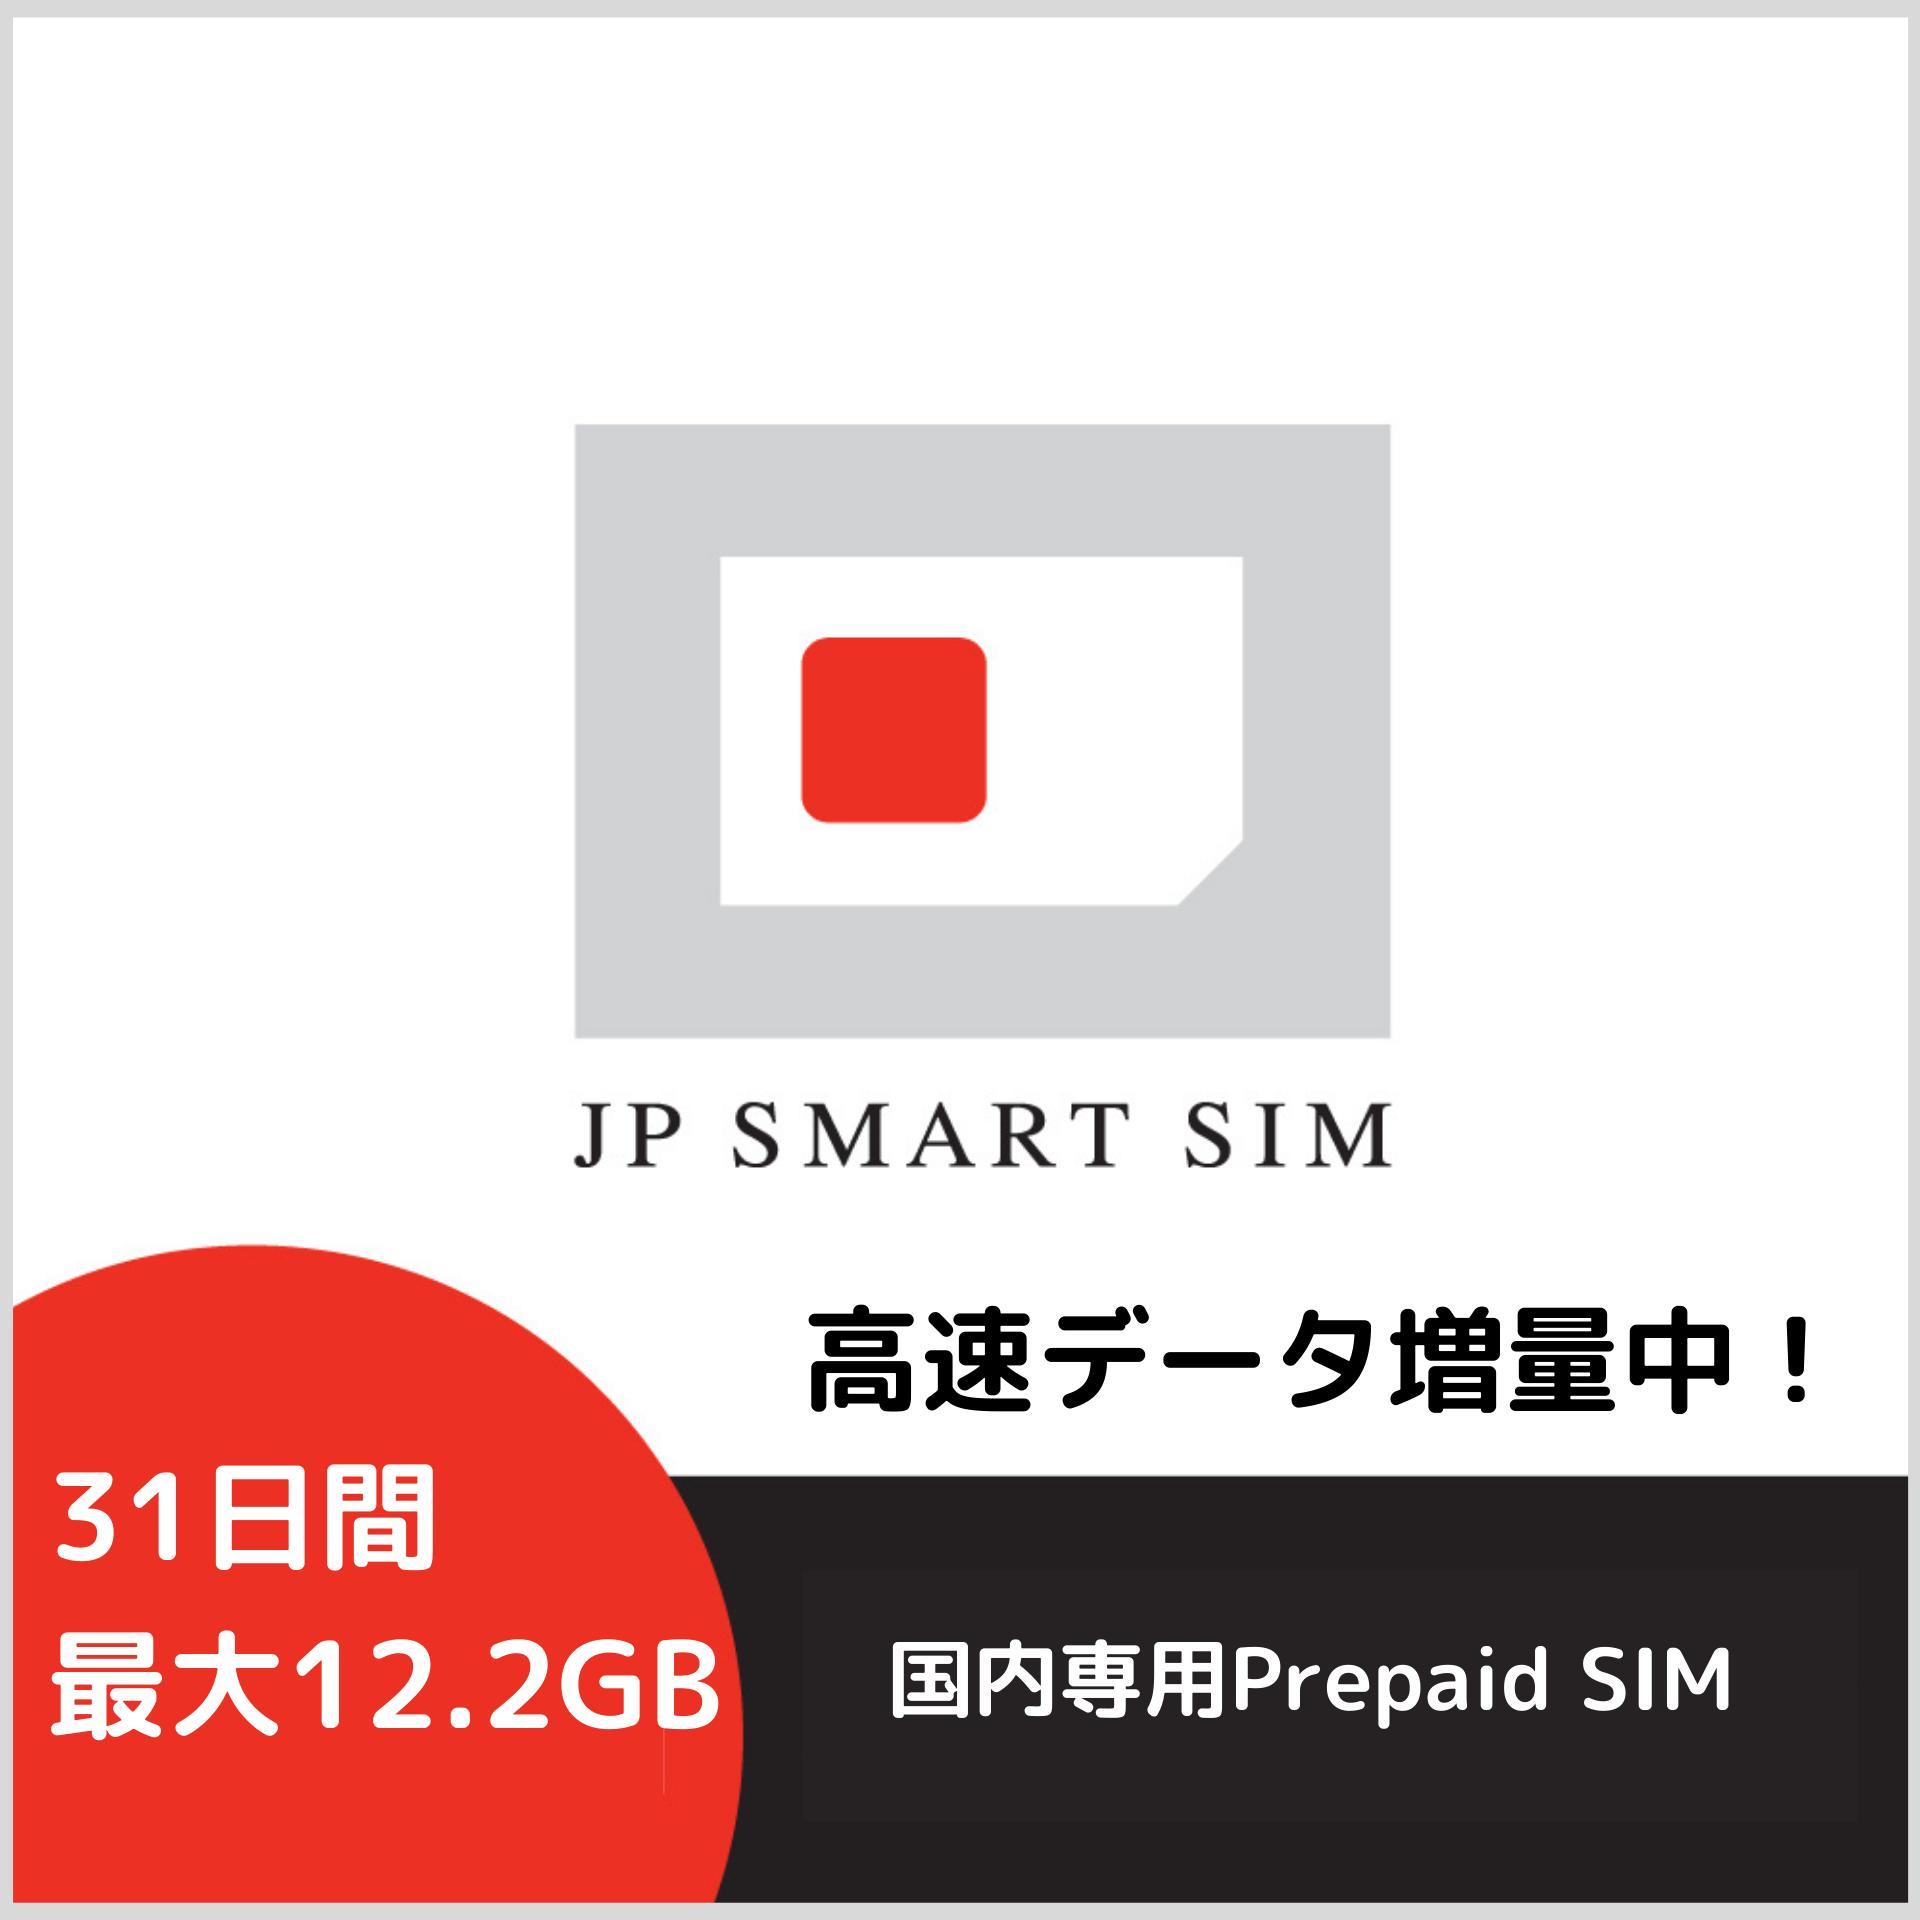 プリペイドSIM 日本国内専用 DOCOMO ドコモ プリペイド Prepaid SIMカード 送料無料 マルチSIM 一時帰国 隔離 2GB増量中 31日間 最大12.2GB利用可能 利用期限延長可能 最適 テレワーク 大容量 Docomo回線 使い捨てSIM 在宅勤務 card SIM 完売 新色 LTE対応 DXHUB データリチャージ可能